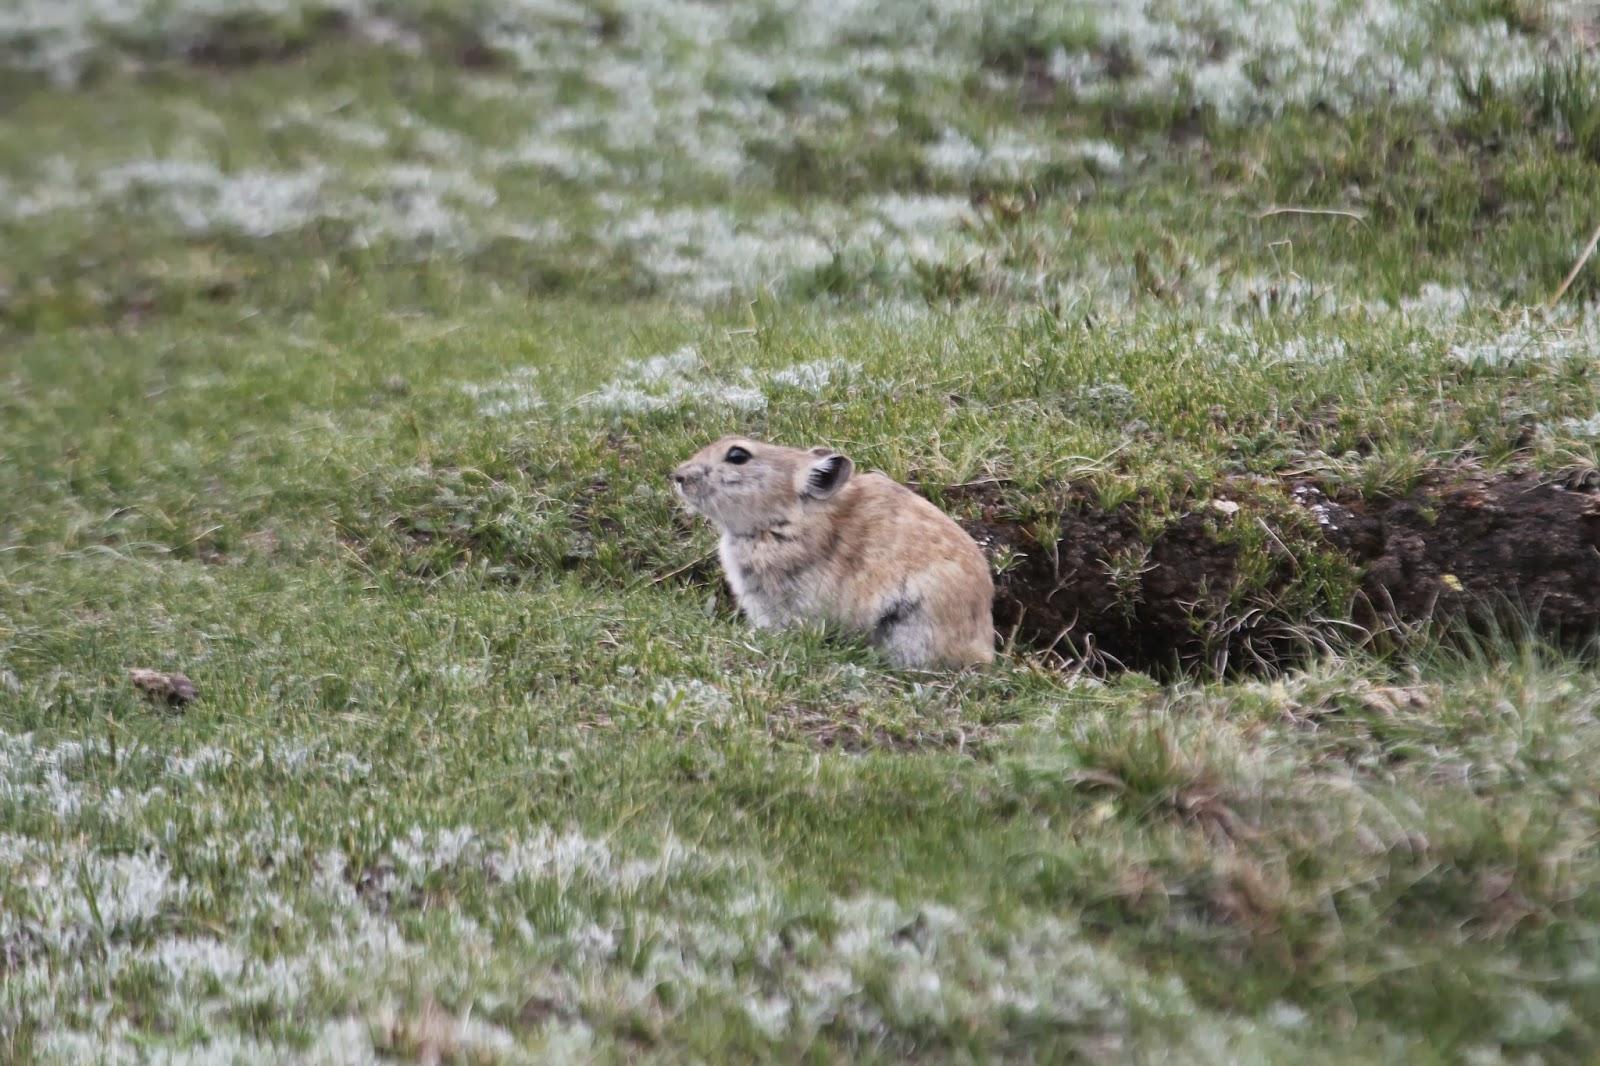 當局對高原鼠兔(Plateau Pika)趕盡殺絕,但外國的環境學家警告,鼠兔消亡反會破壞生態,後患無窮。 圖片來源:Worldbirder